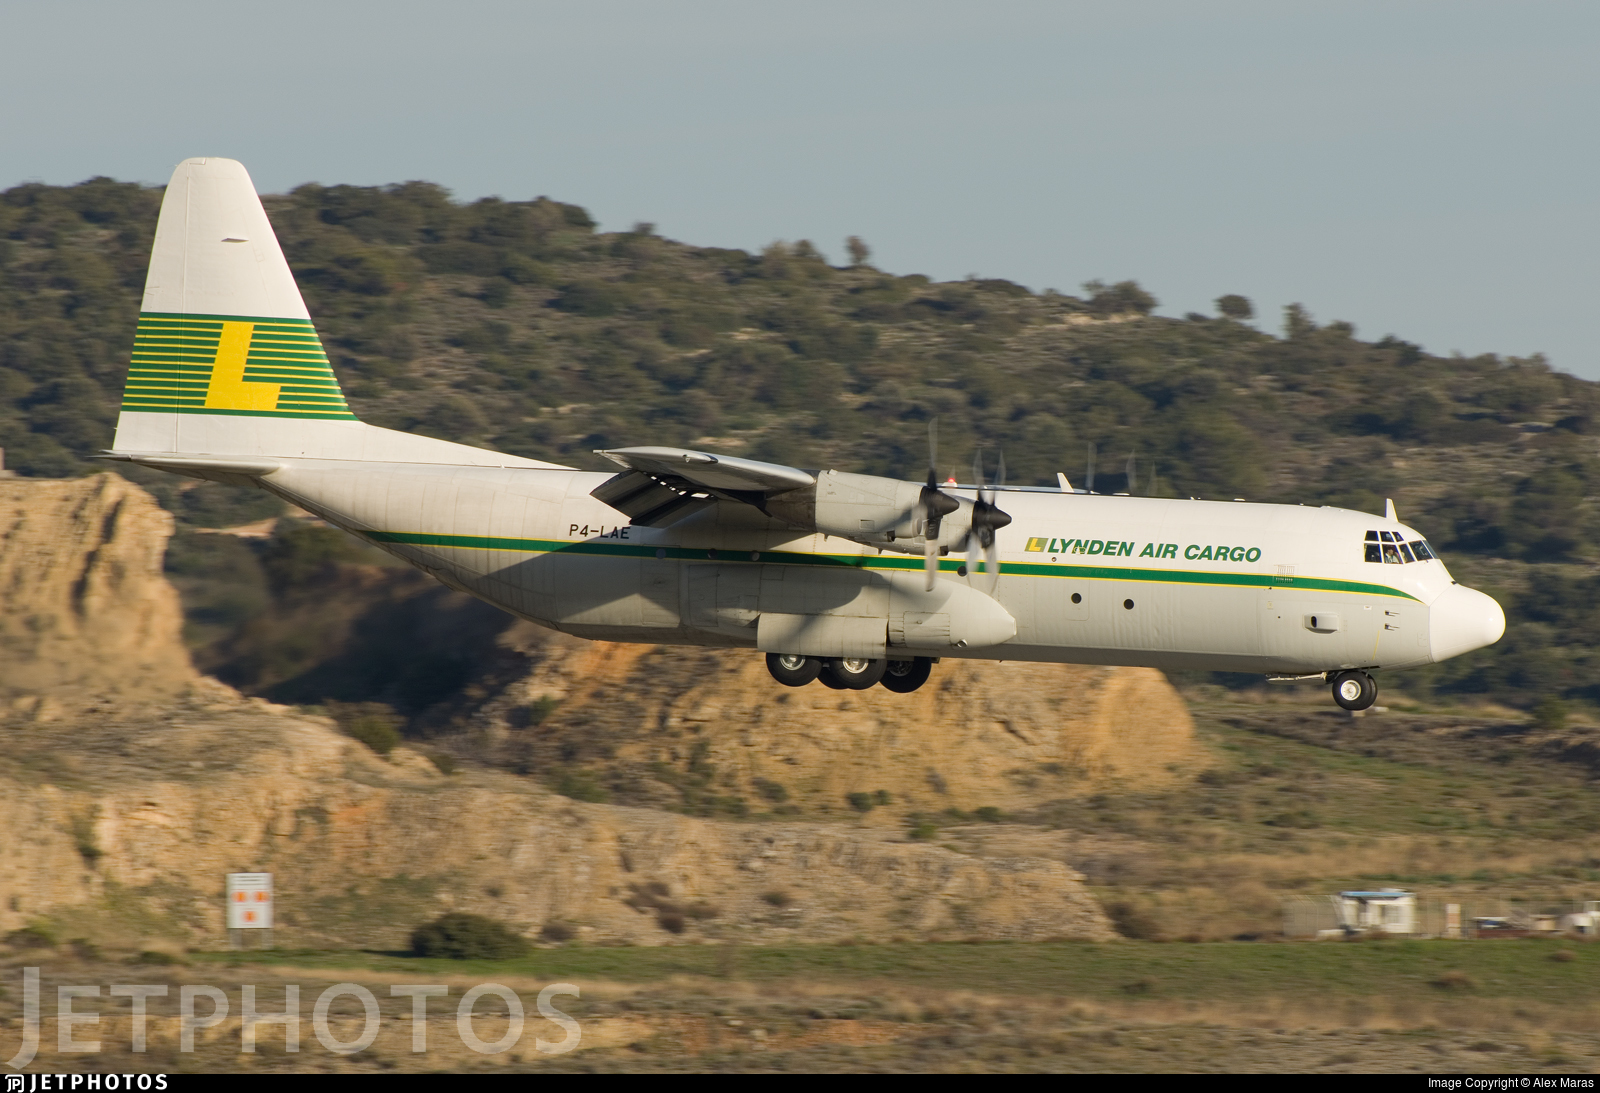 lyndon air freight